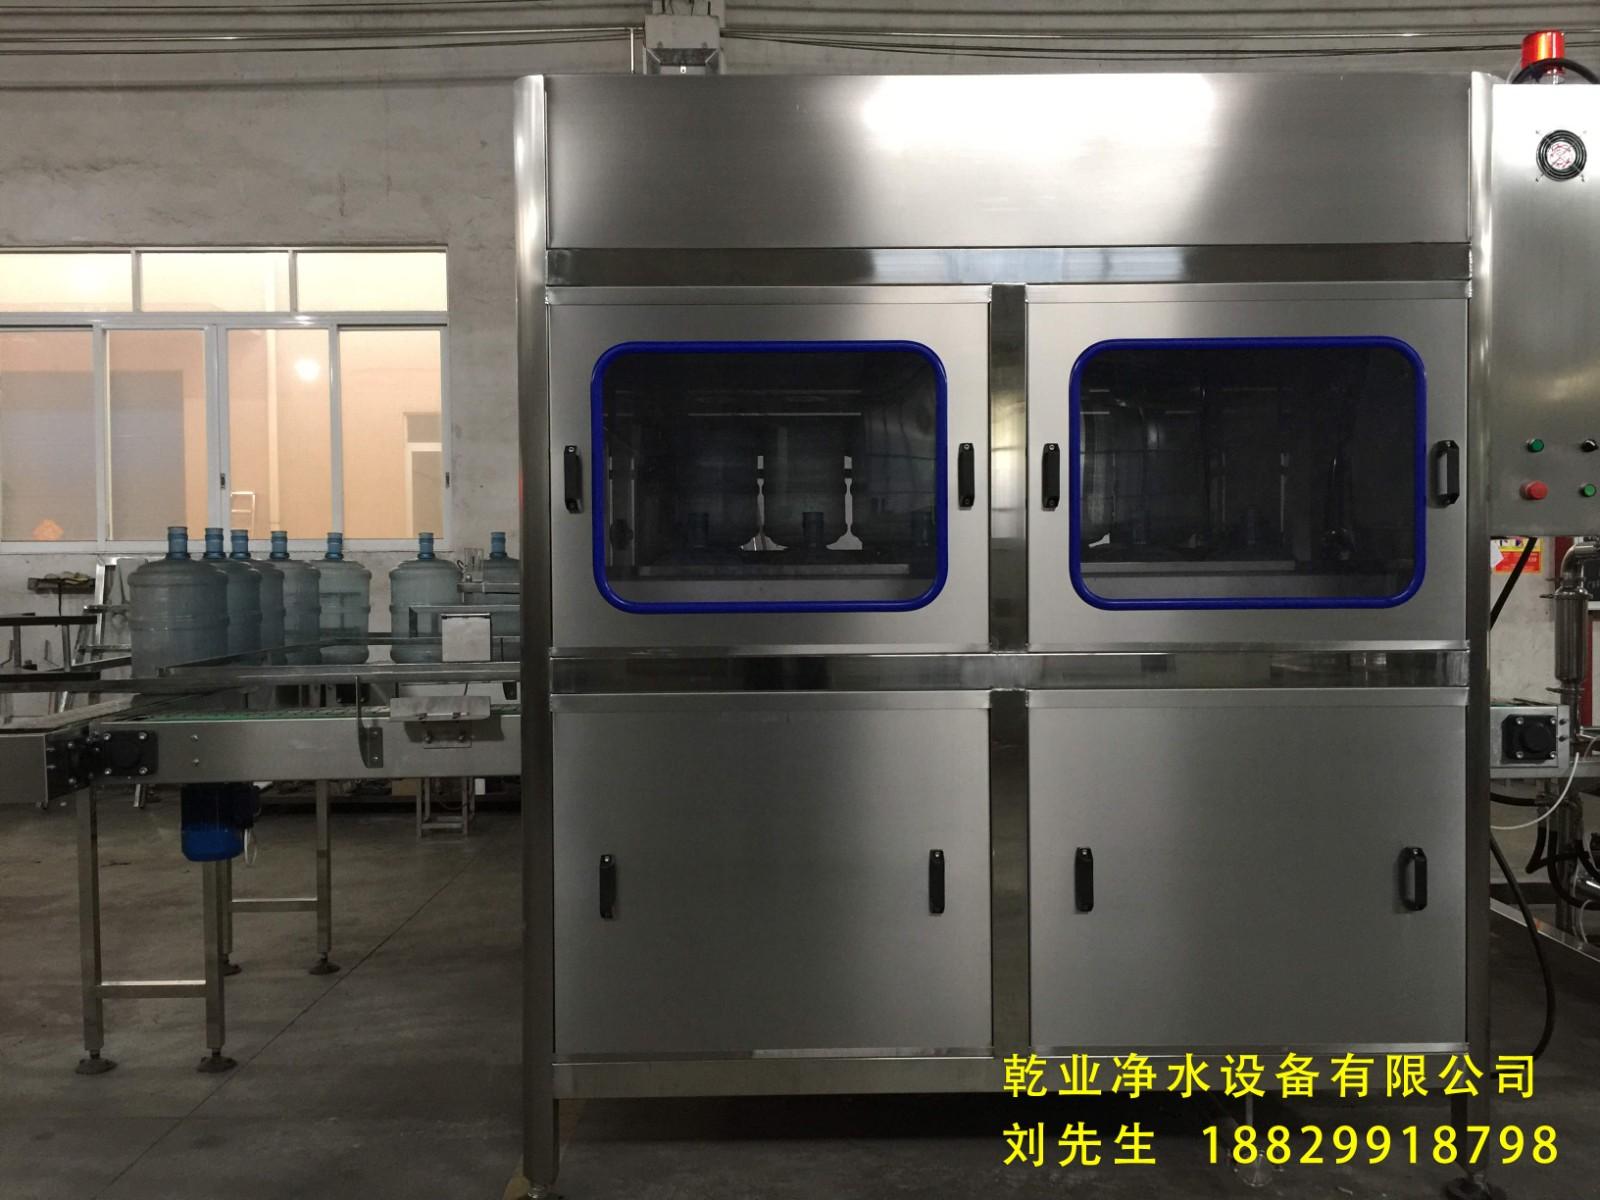 纯净桶装水生产线-厂家定制矿泉水罐装生产线 价格实惠可定制 德国技术纯净水生产线QY30